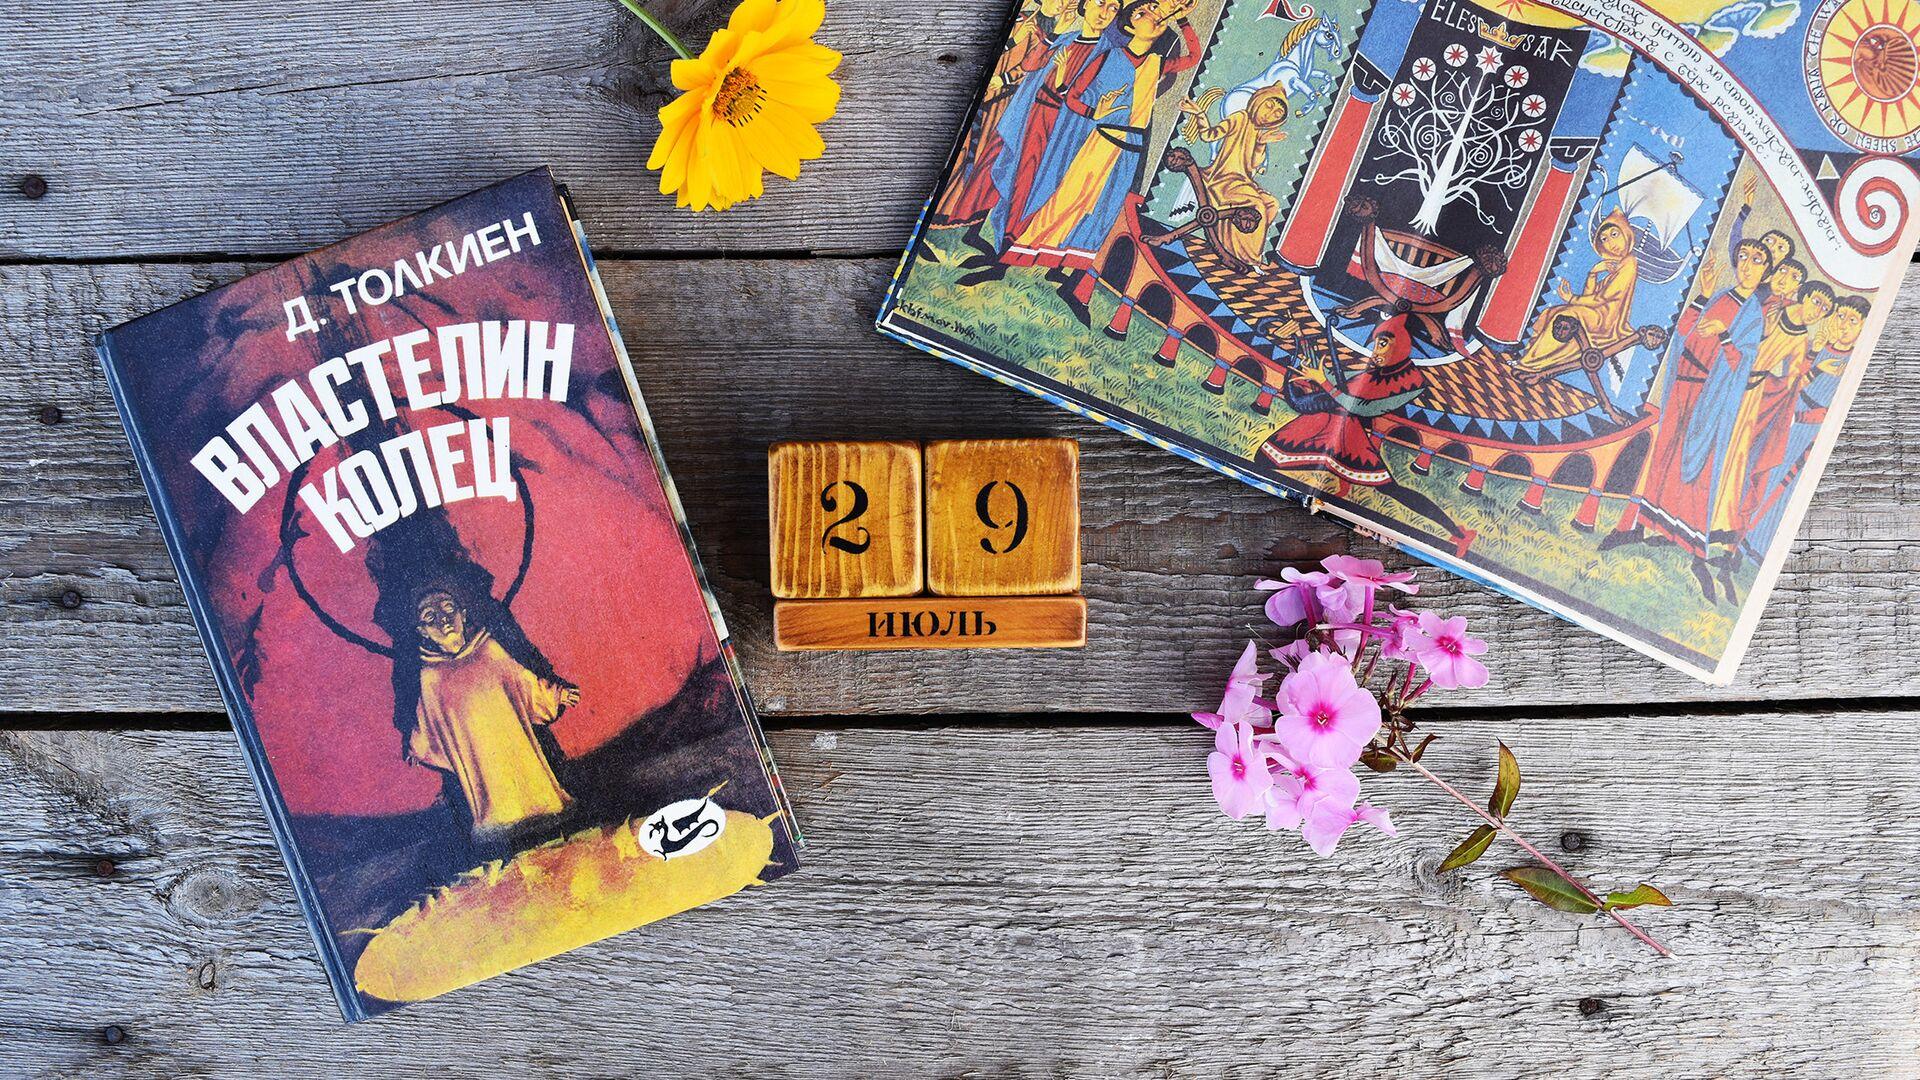 Календарь 29 июля - Sputnik Беларусь, 1920, 29.07.2021